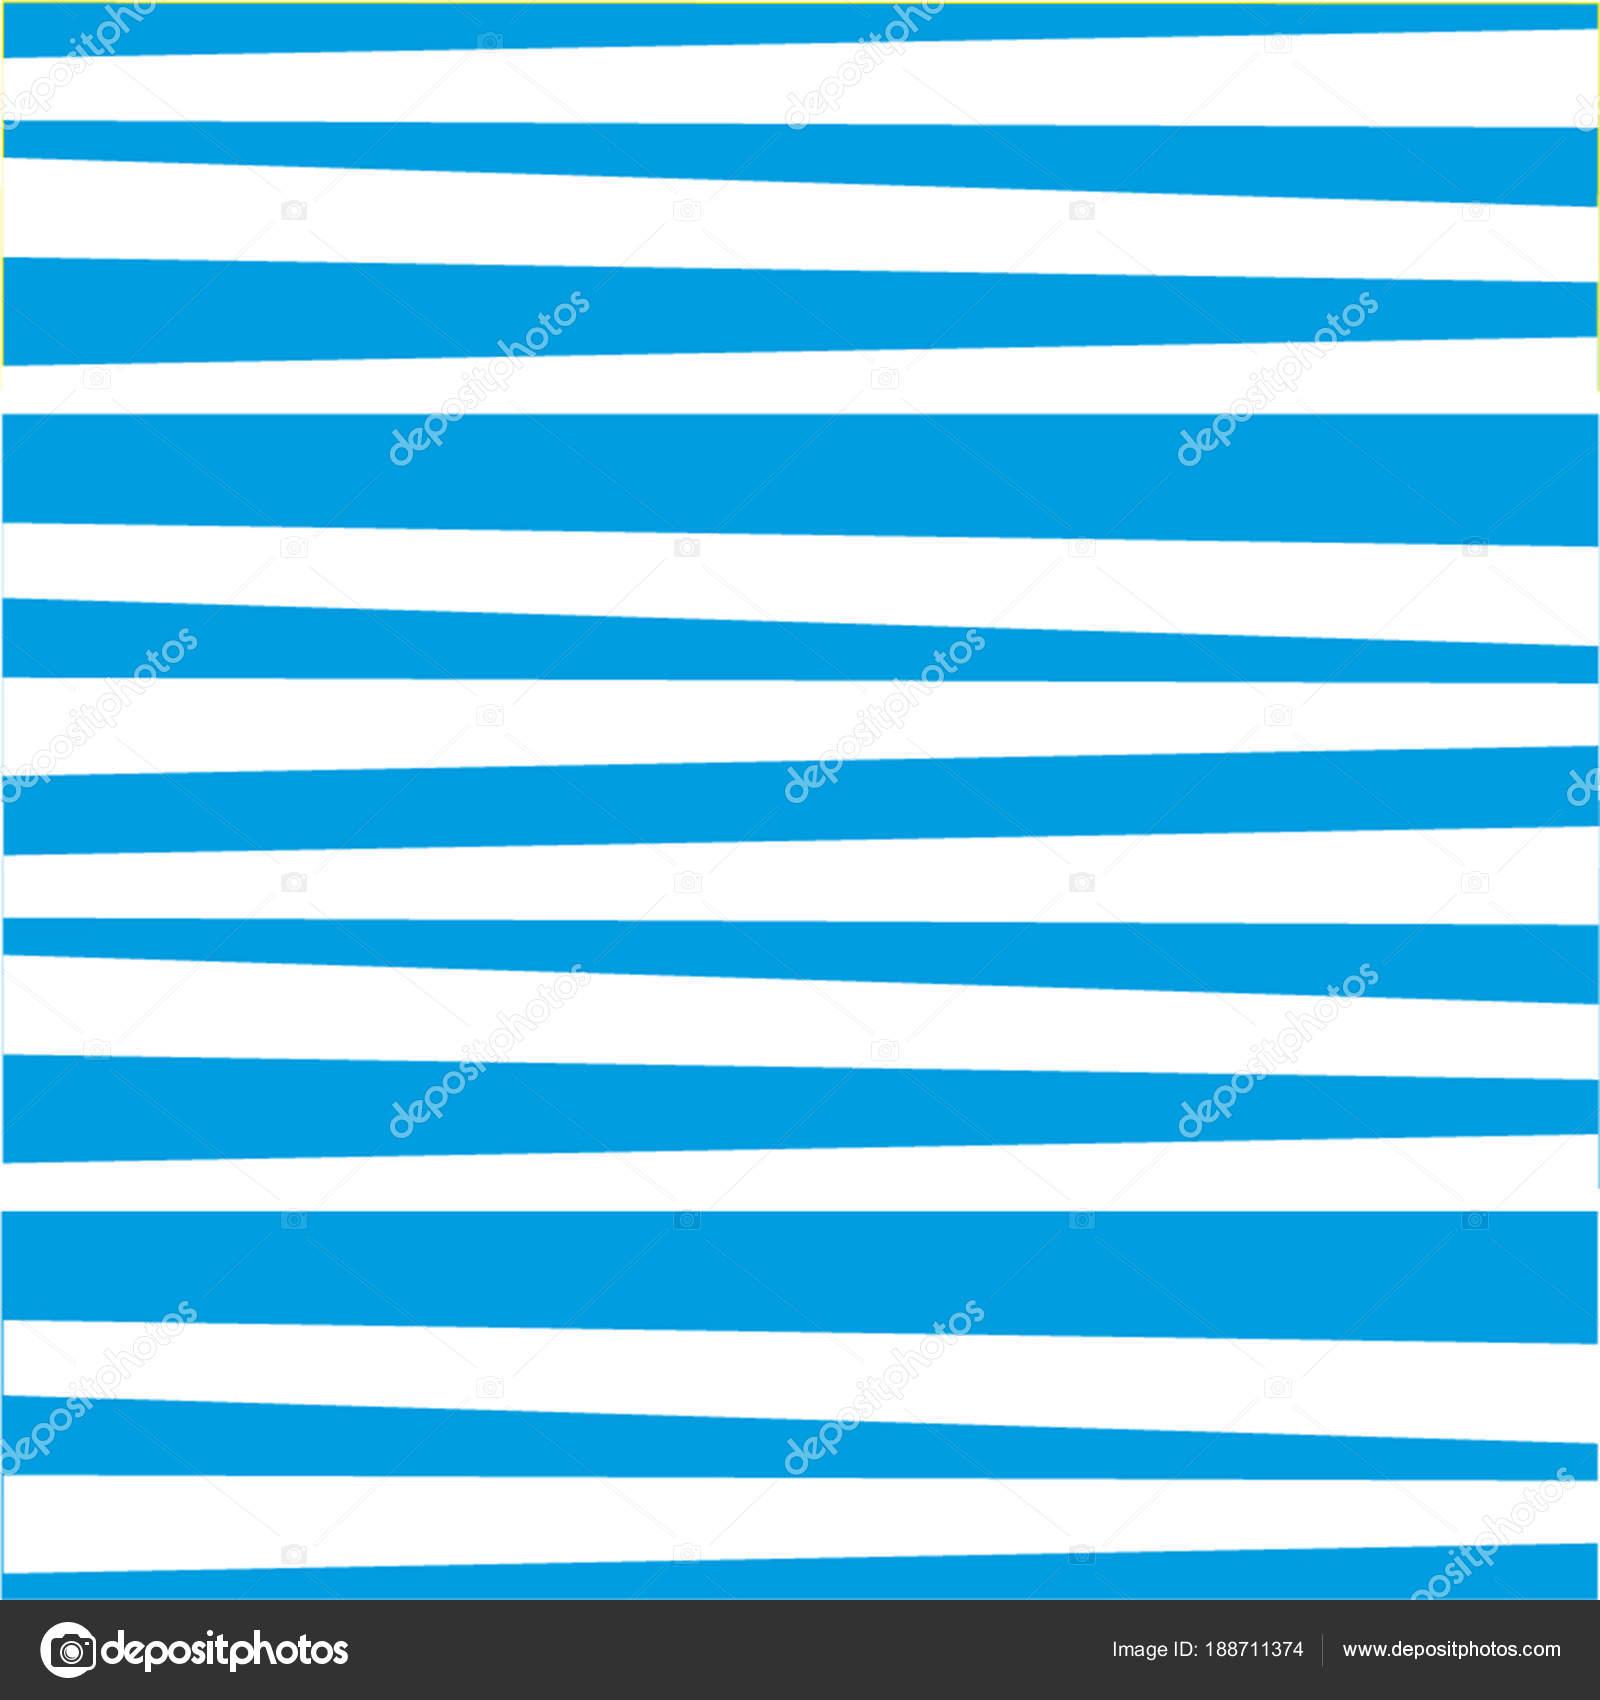 509afc08d8 Resumo horizontal padrão listrado. Azul marinho e branco impressão ...